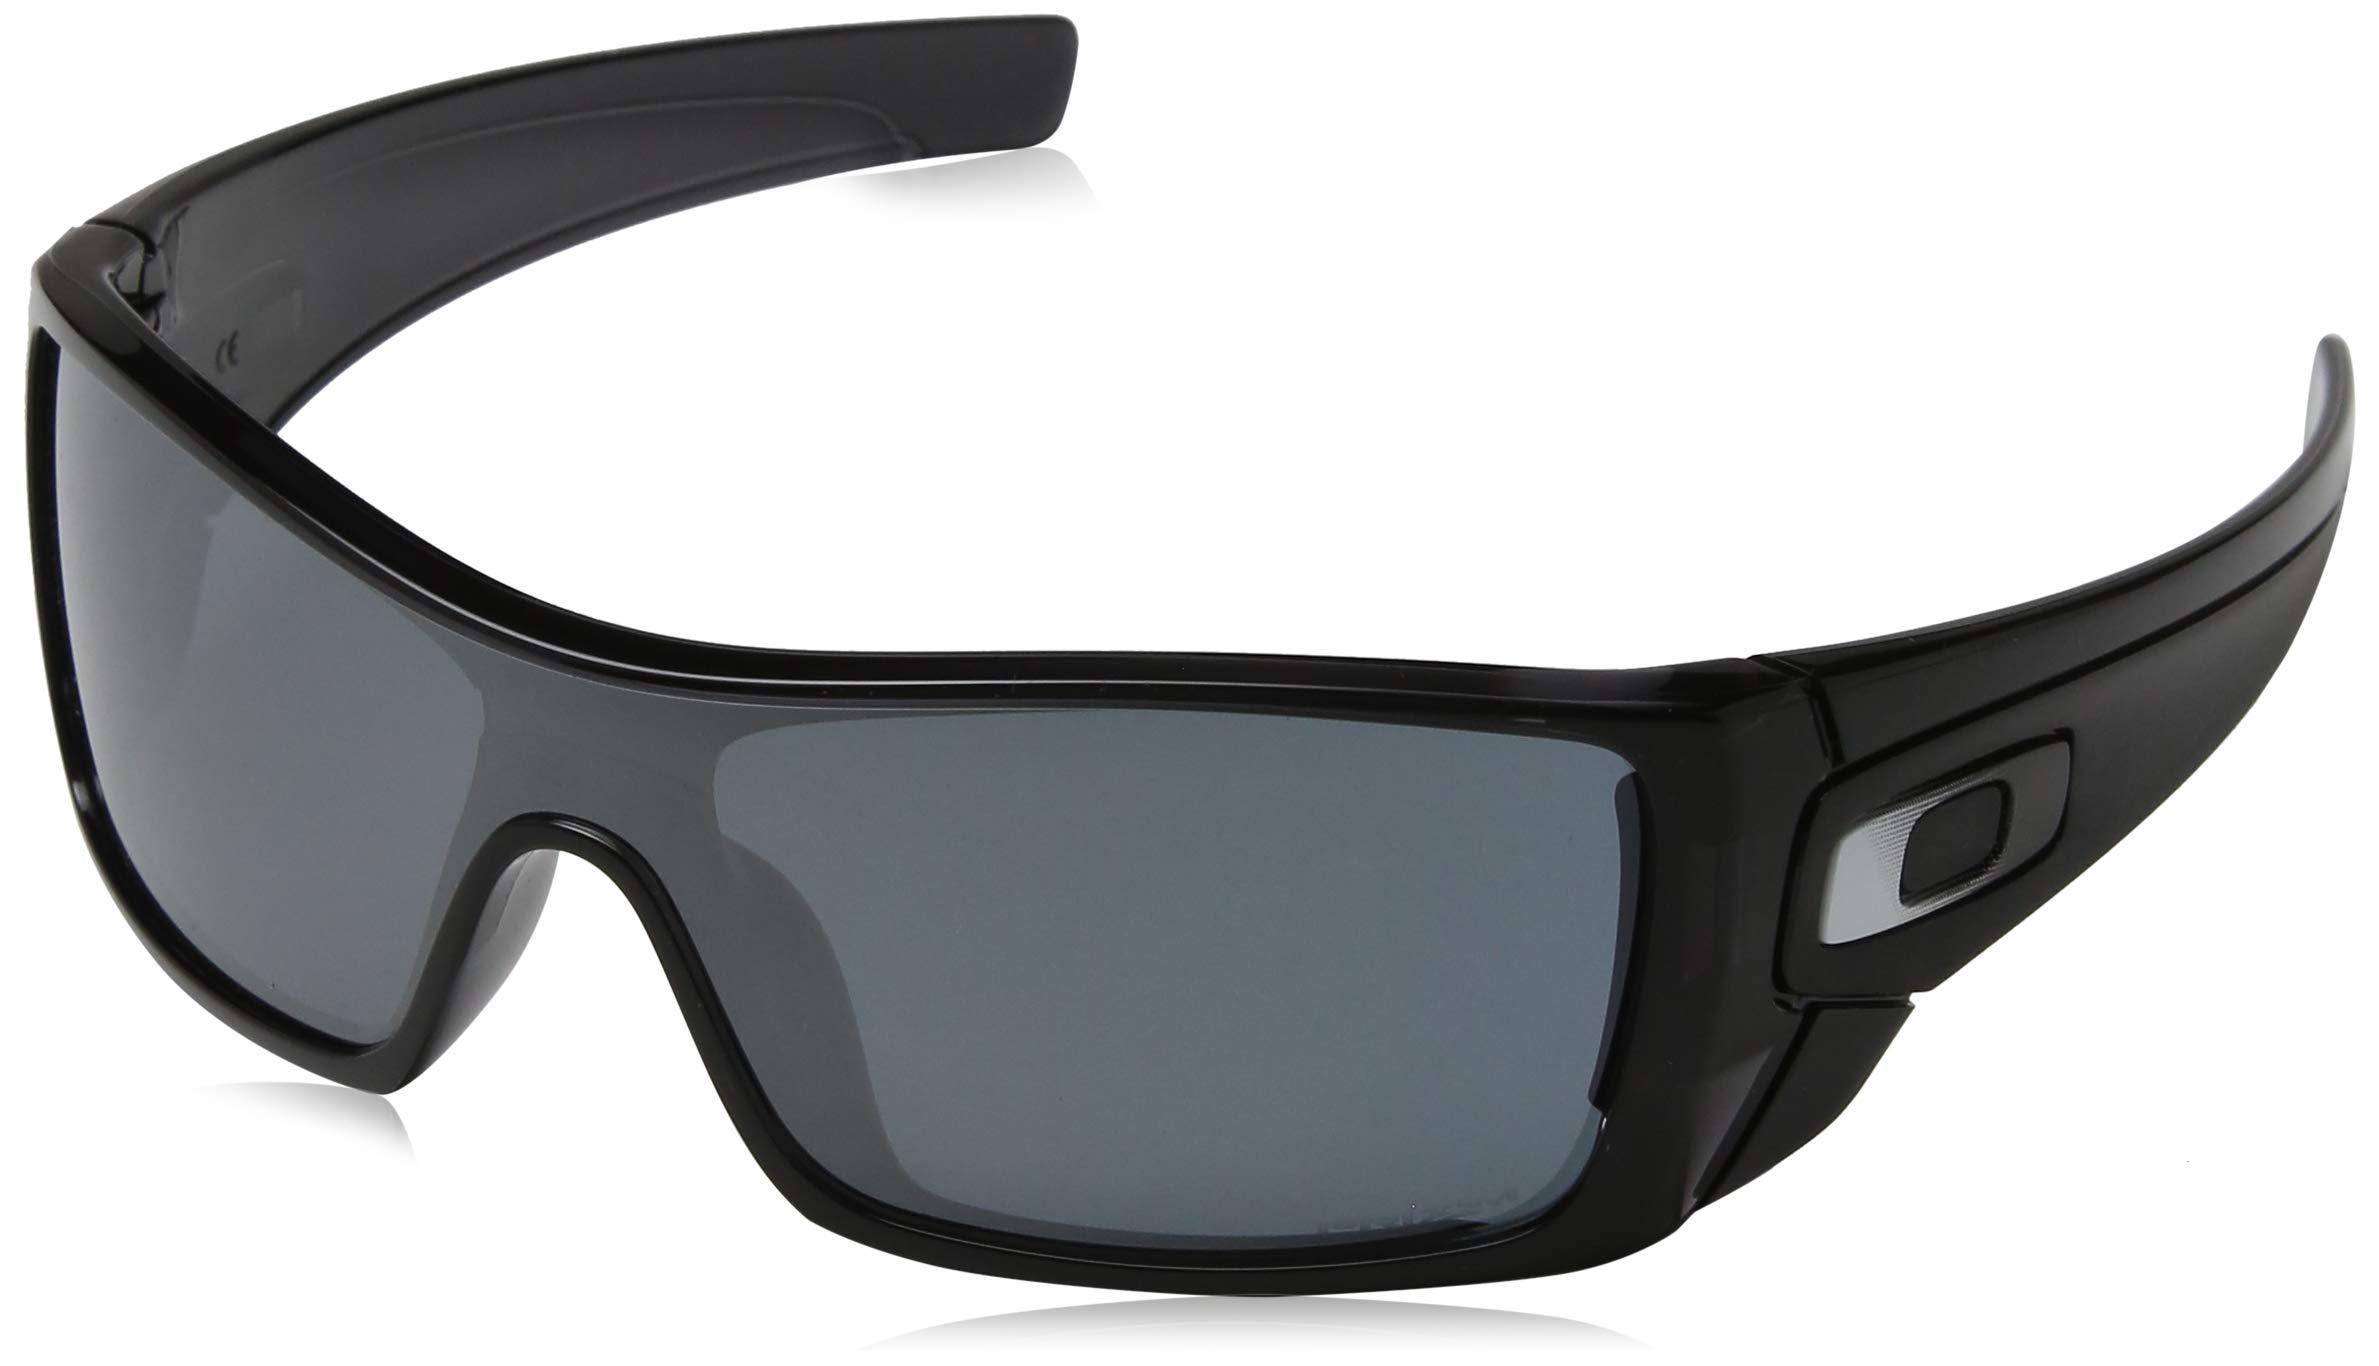 29e95c335f Oakley Batwolf Men s Lifestyle Designer Sunglasses Eyewear product image